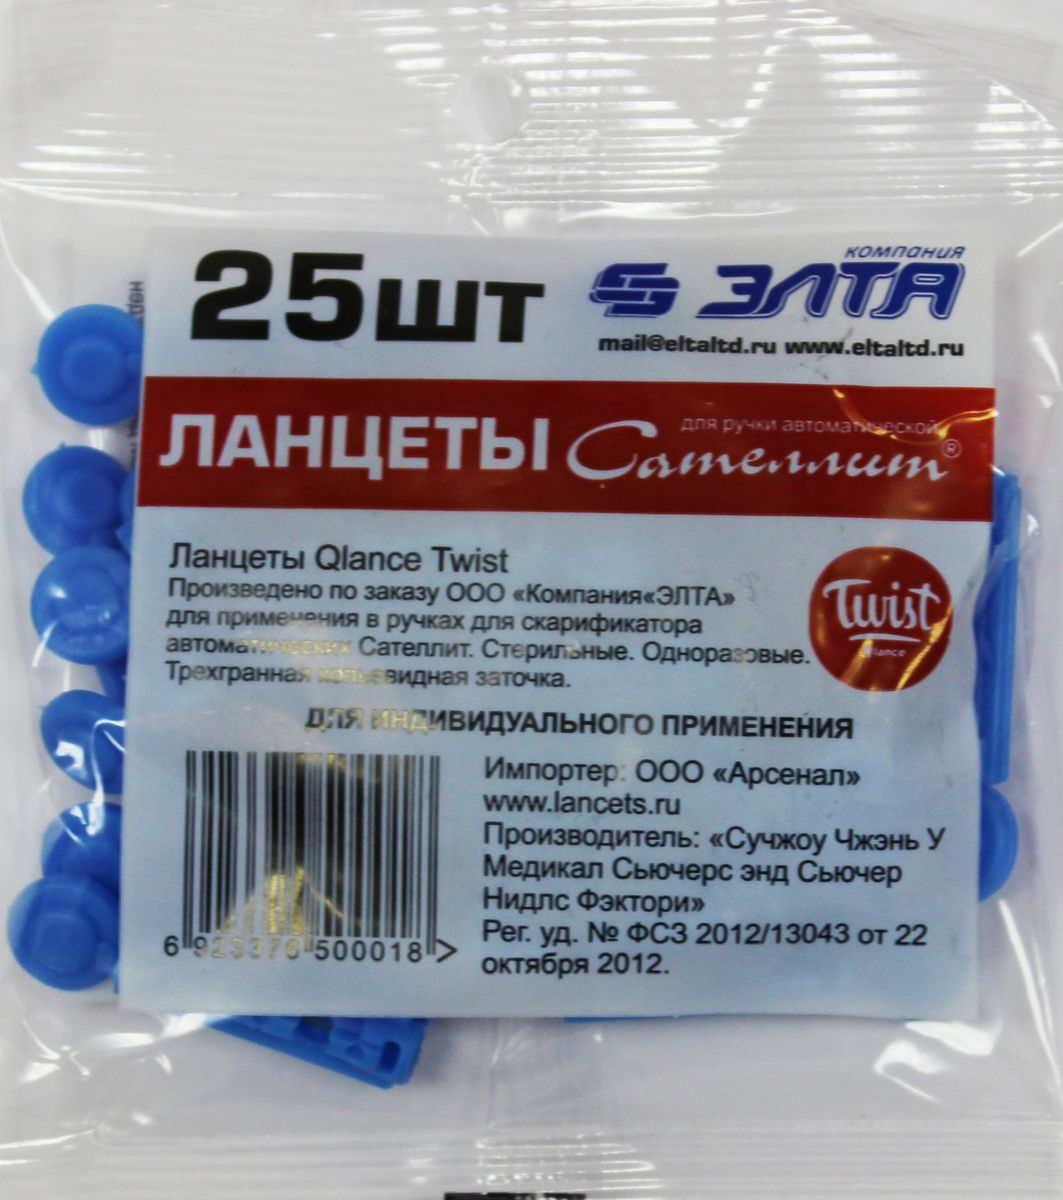 Ланцеты Сателлит Qlance Twist 28G, 25 шт4260071590039Стерильные ланцеты (25 штук) для забора капли крови. Подходят к большинству ручек для прокалывания (автоматических прокалывателей). Сверхтонкое острие ланцета делает прокалывание менее болезненным. В целях безопасности ланцеты предназначены только для индивидуального пользования.